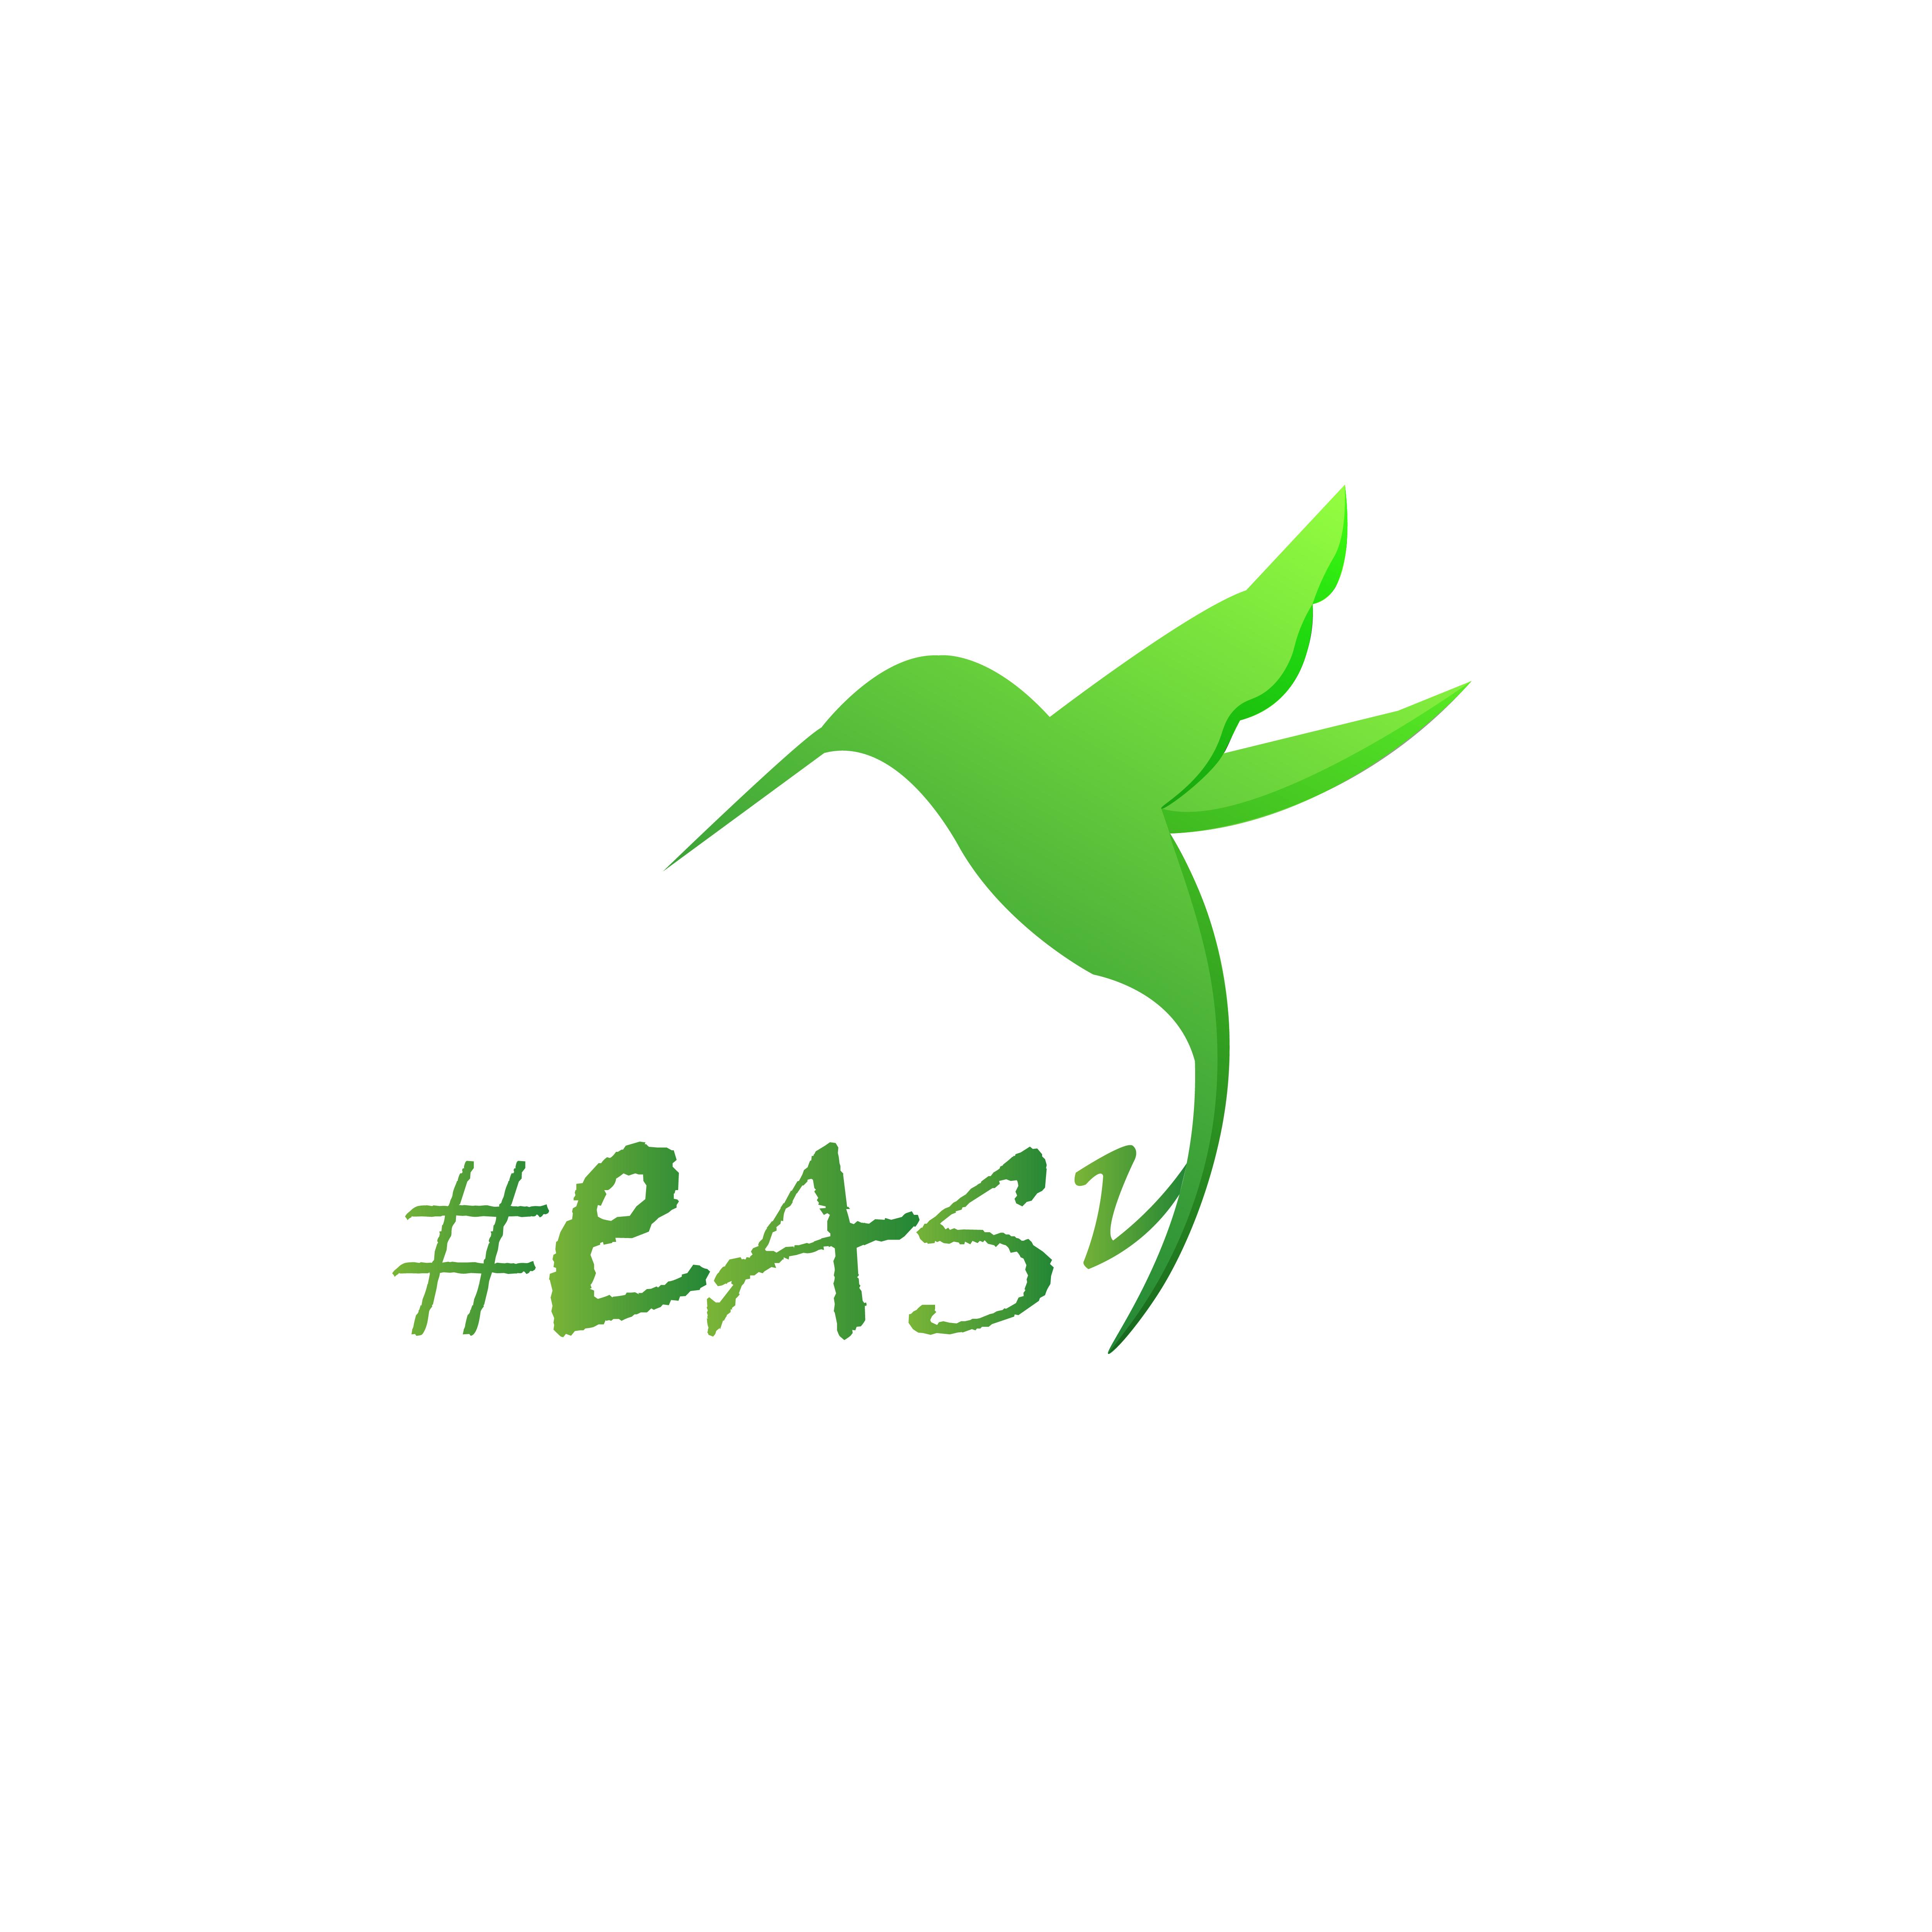 Разработка логотипа в виде хэштега #easy с зеленой колибри  фото f_6095d4faf1718ed0.jpg